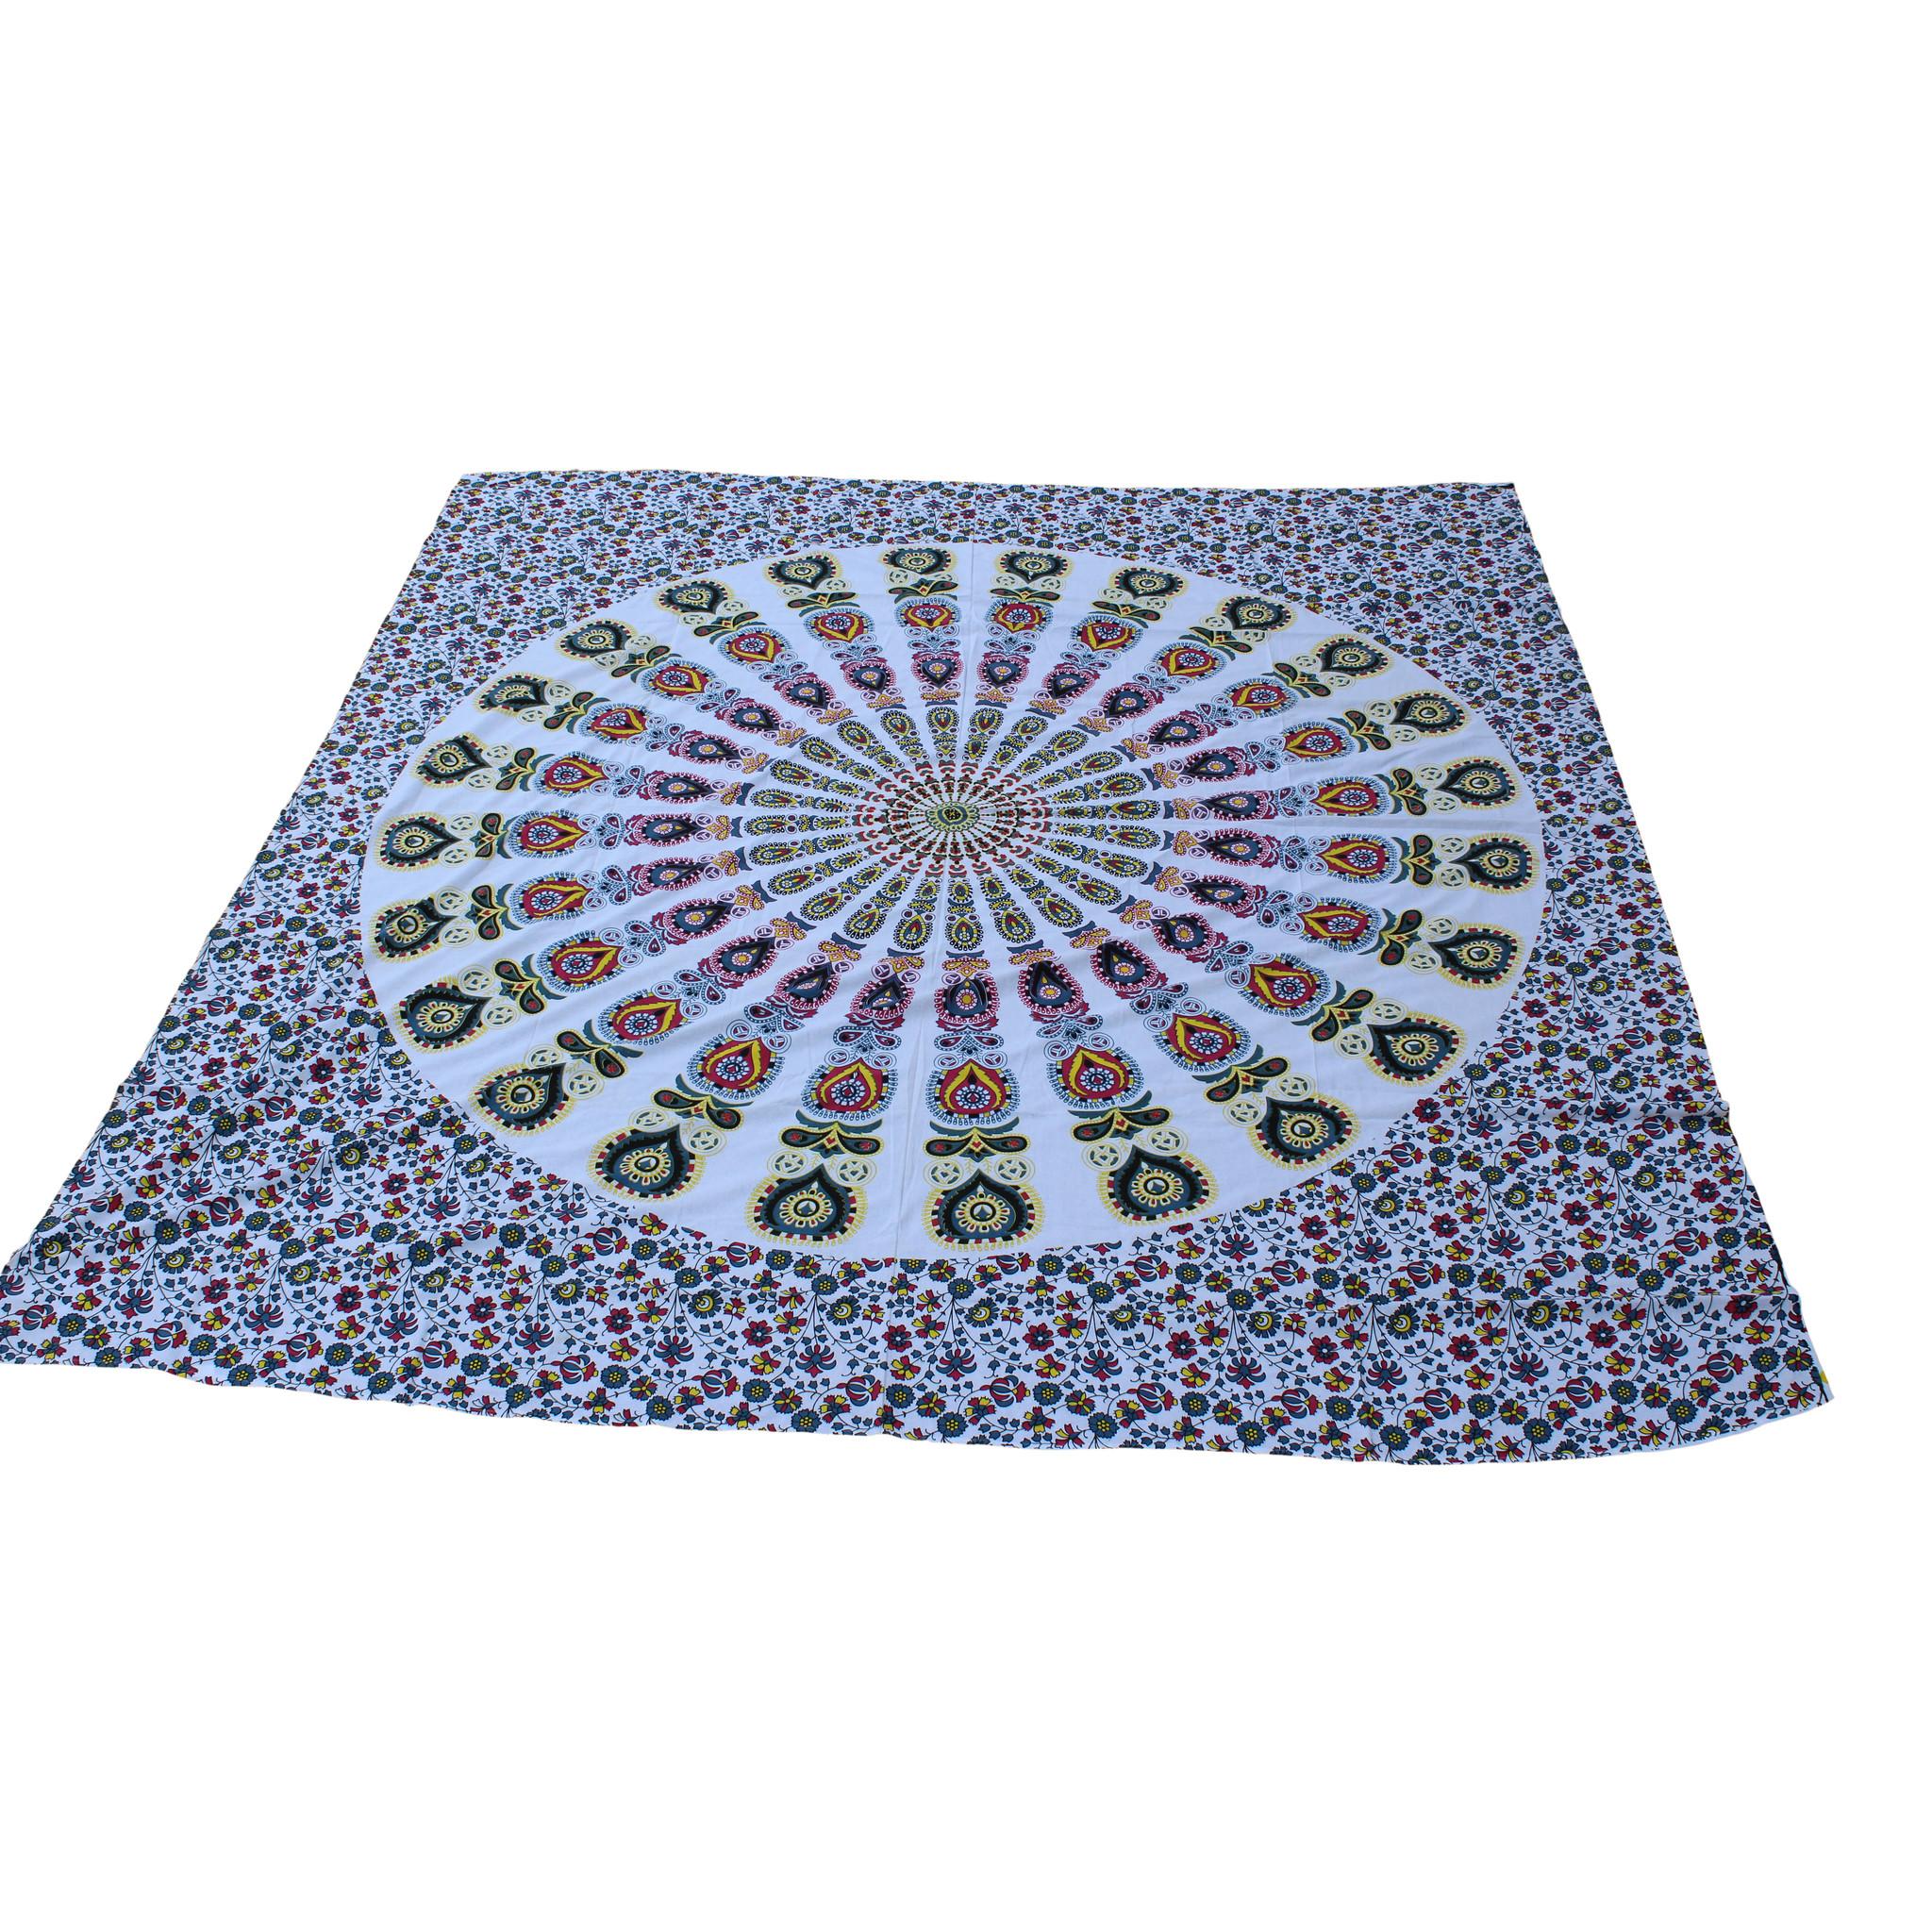 Myroundie Myroundie - roundie - vierkant strandlaken XL – yoga kleed- speelkleed - picknickkleed -100% katoen – Q14